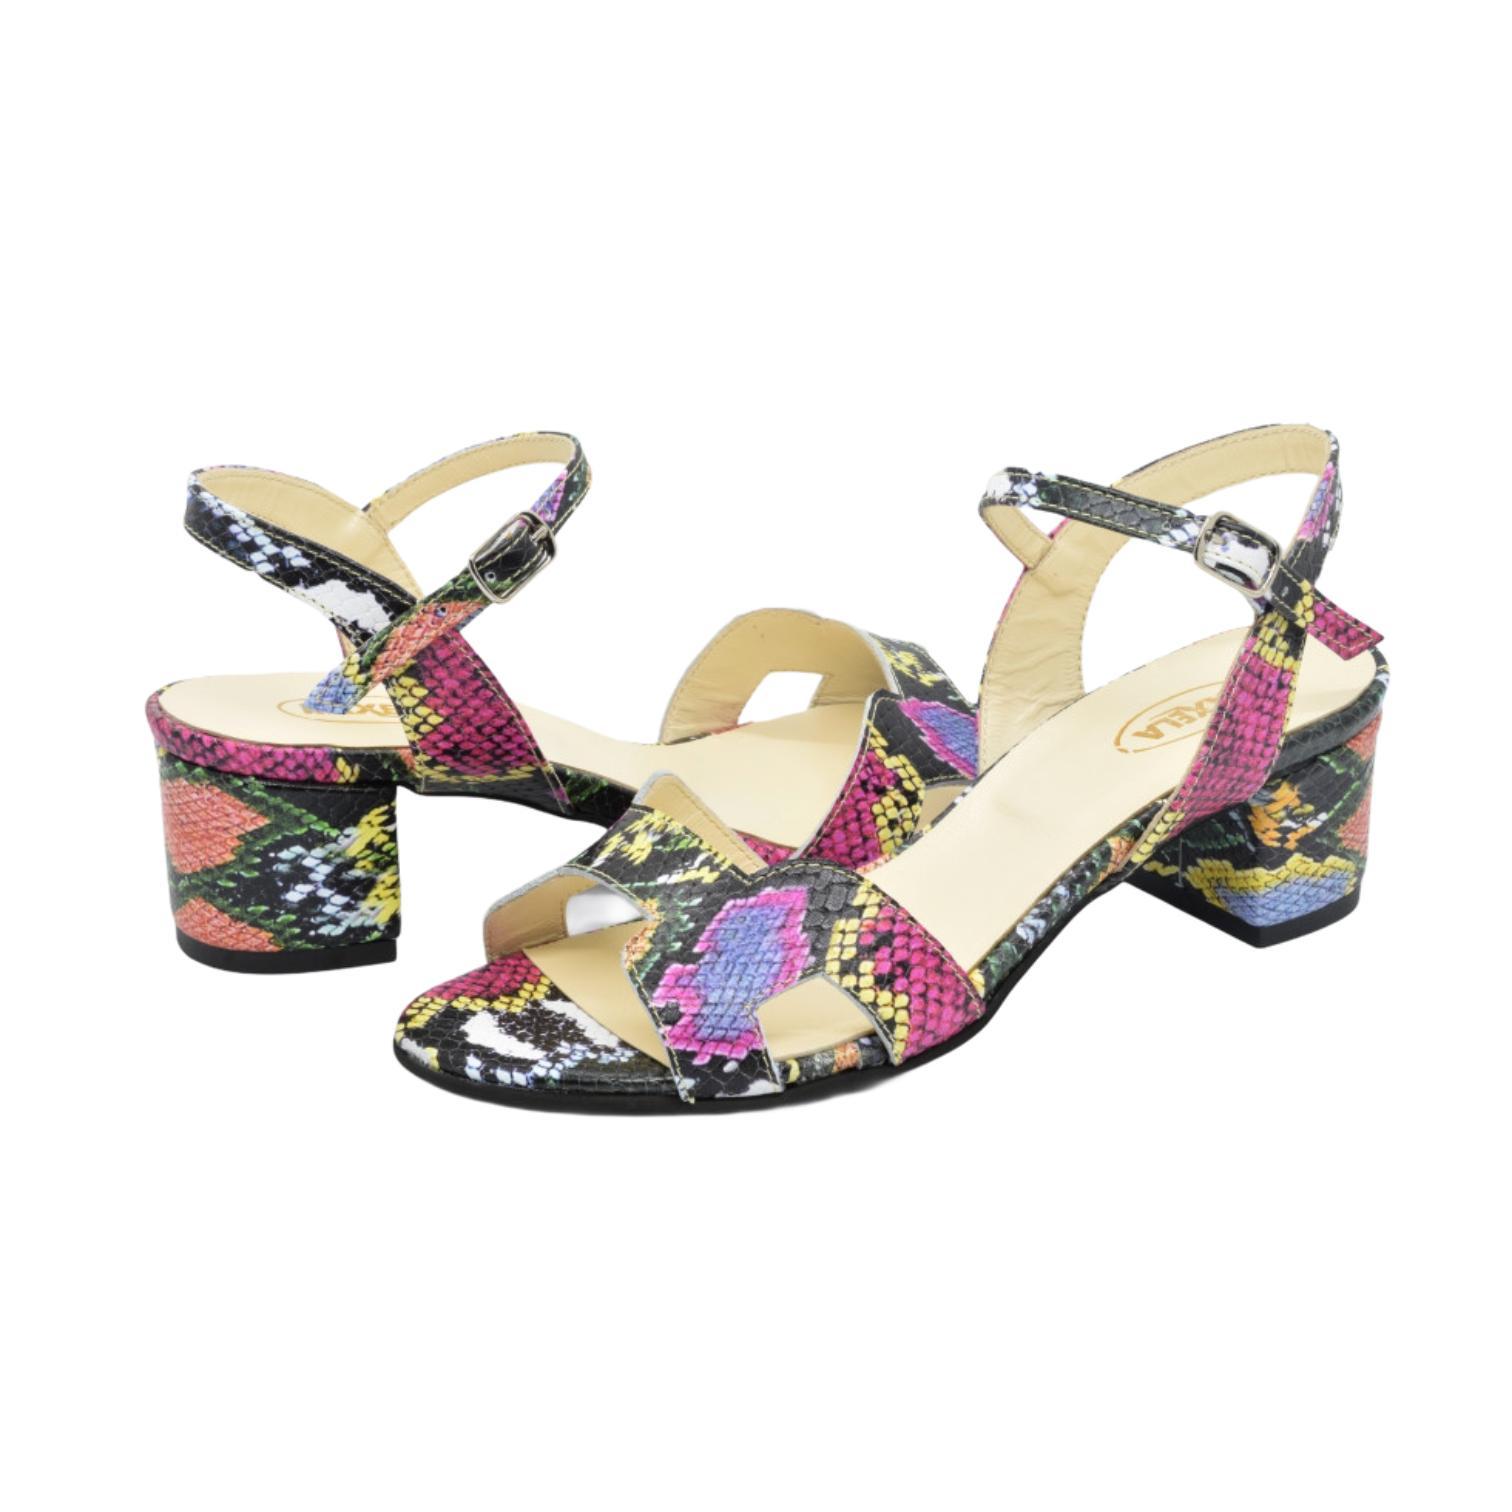 Sandale multicolore cu model